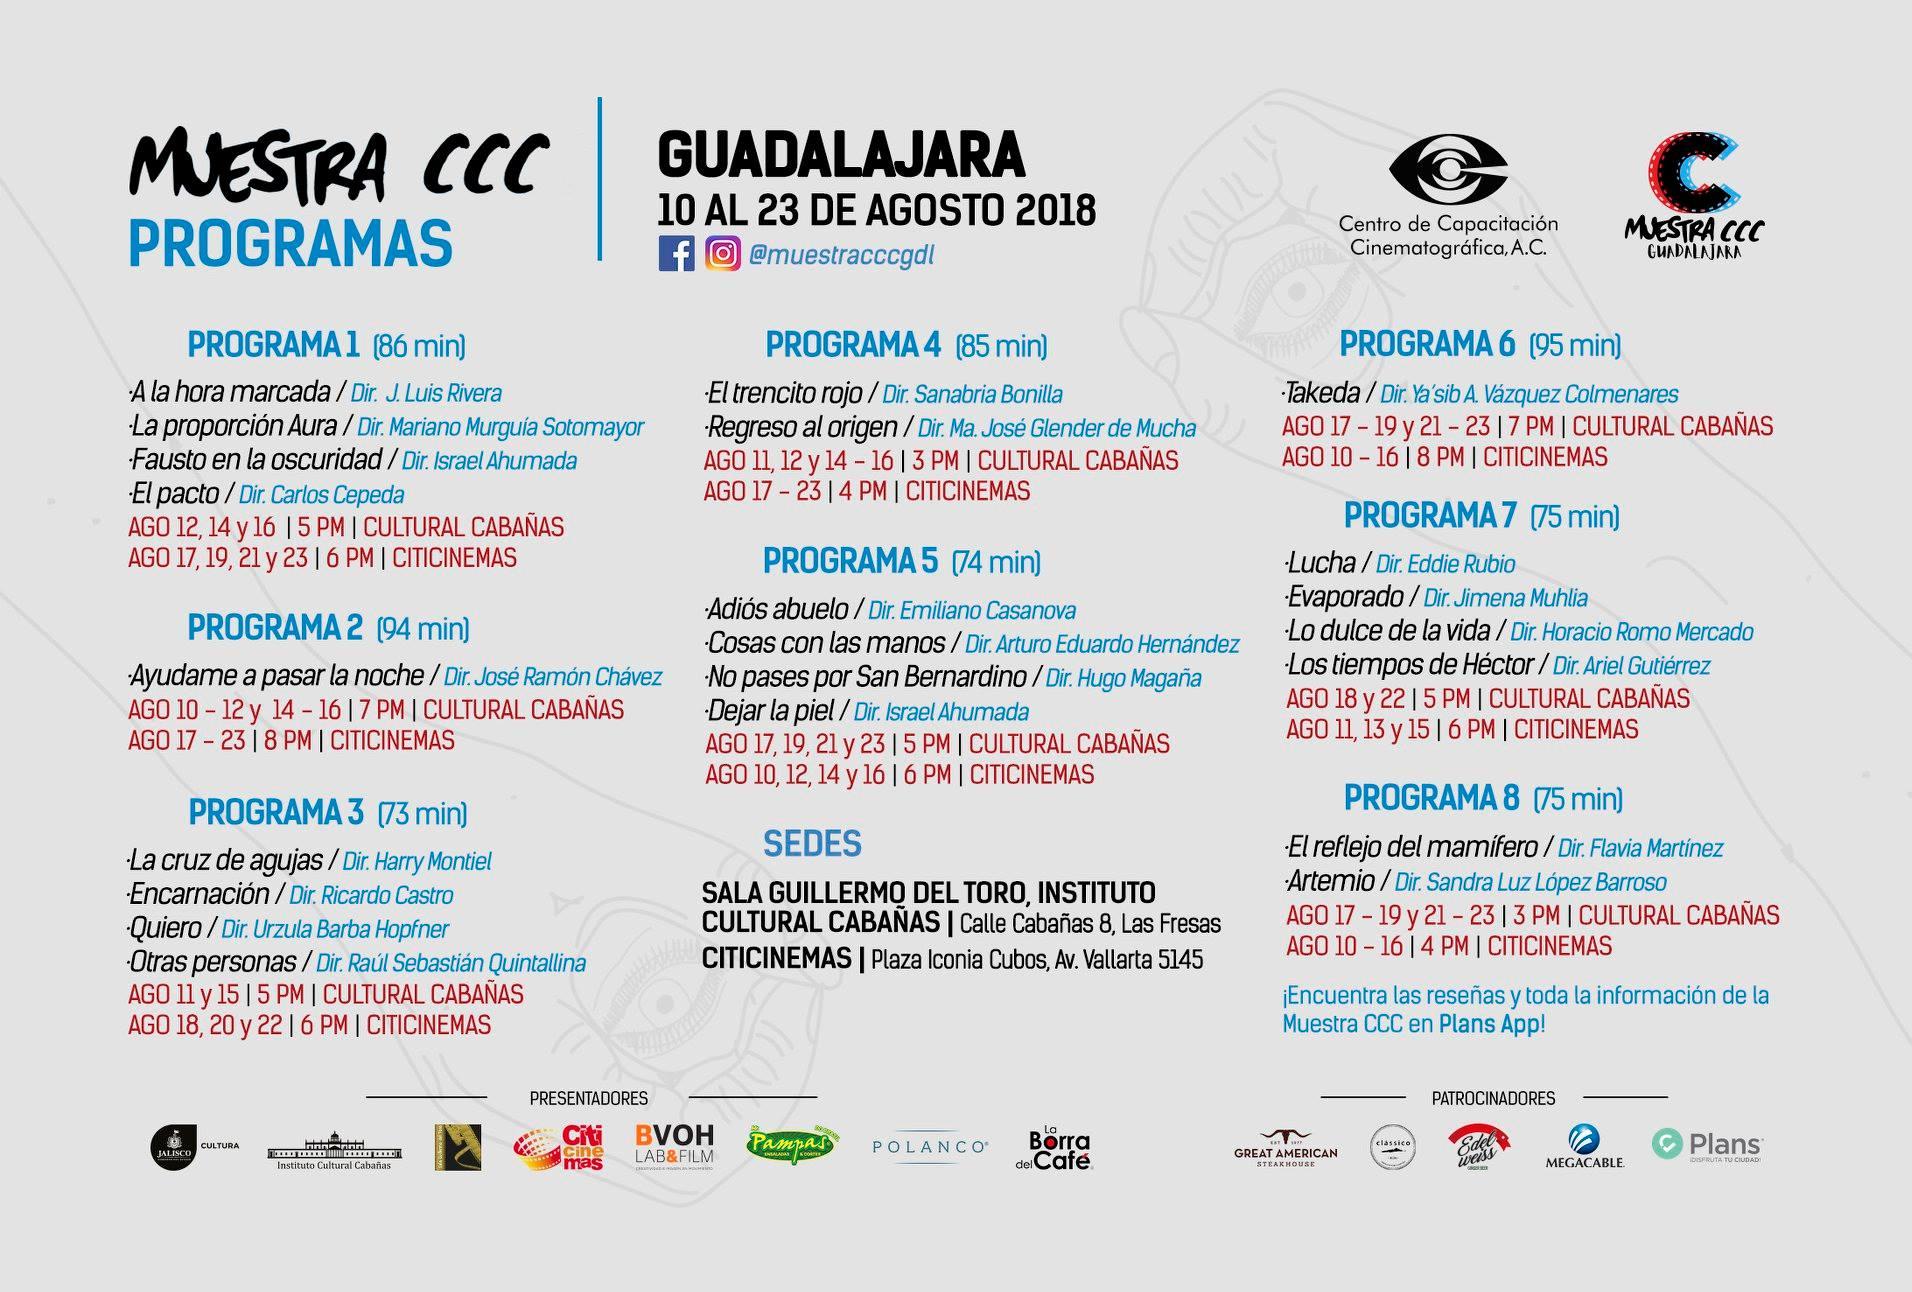 Programas de la Muestra CCC 2018